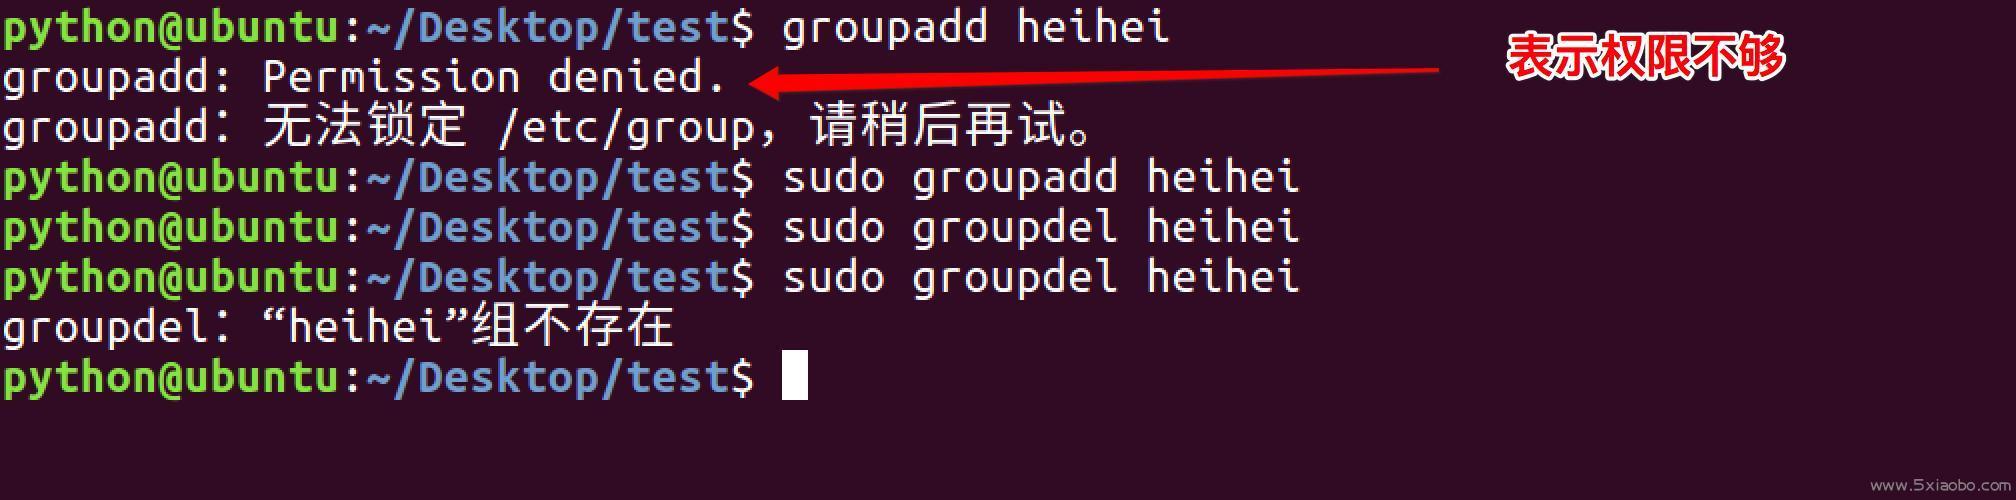 认识Linux命令--用户、权限管理  Linux 命令 第12张